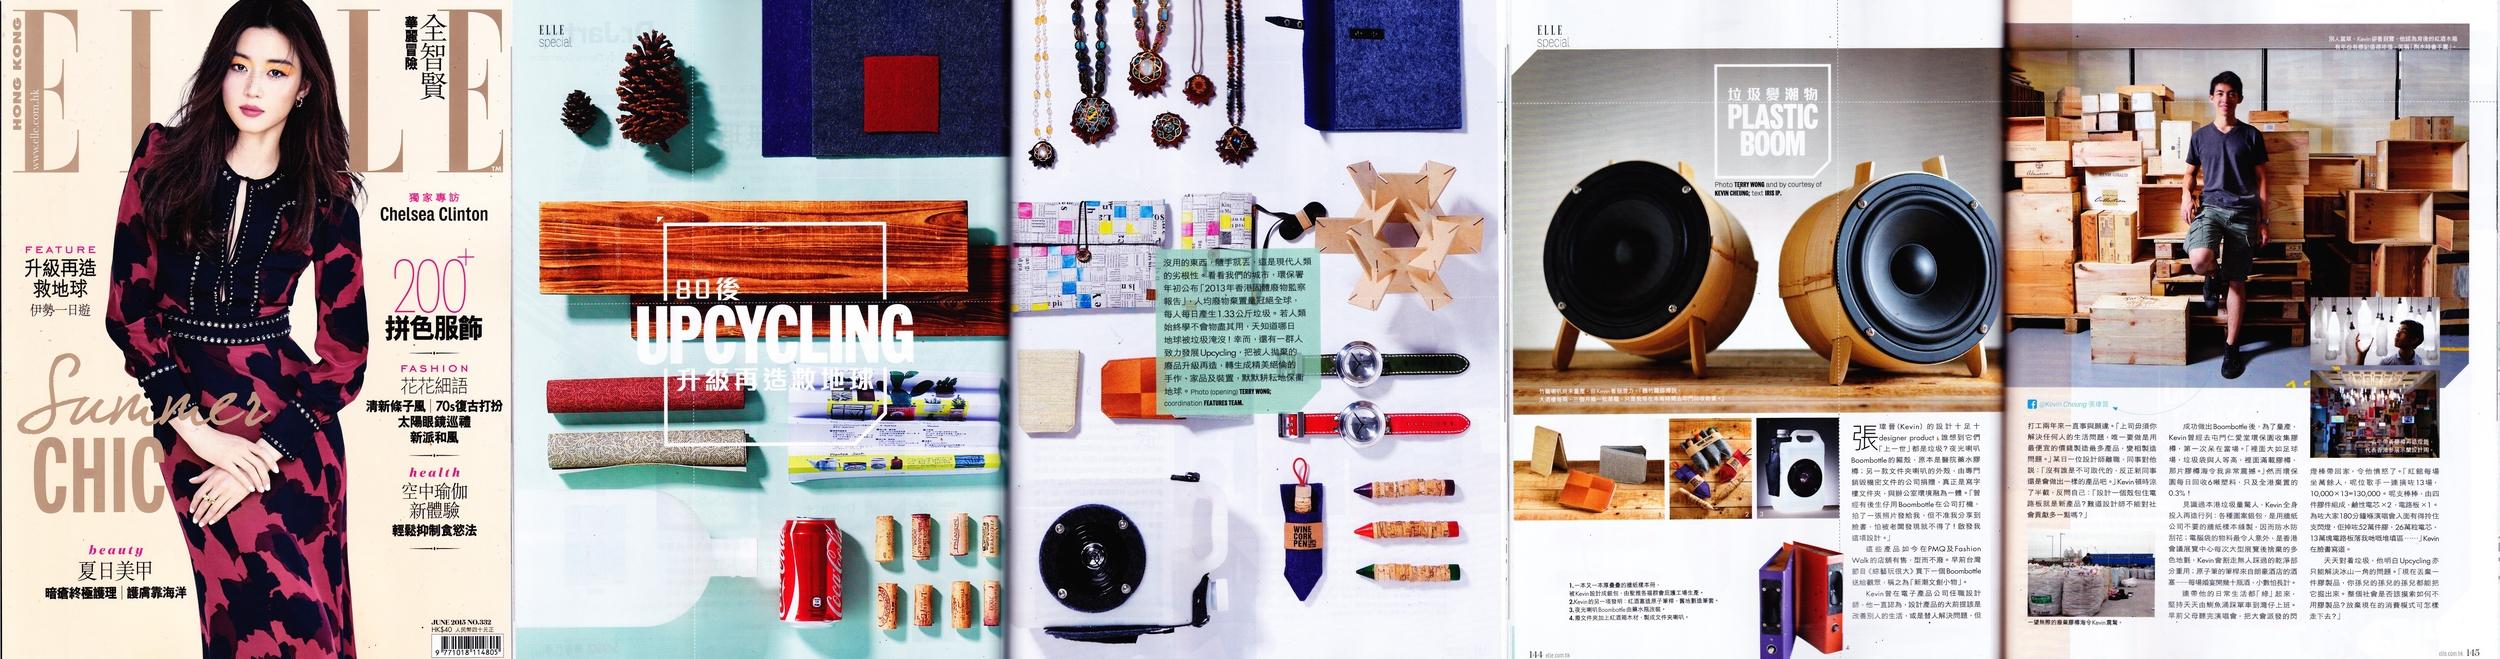 150531 ELLE Magazine.jpg